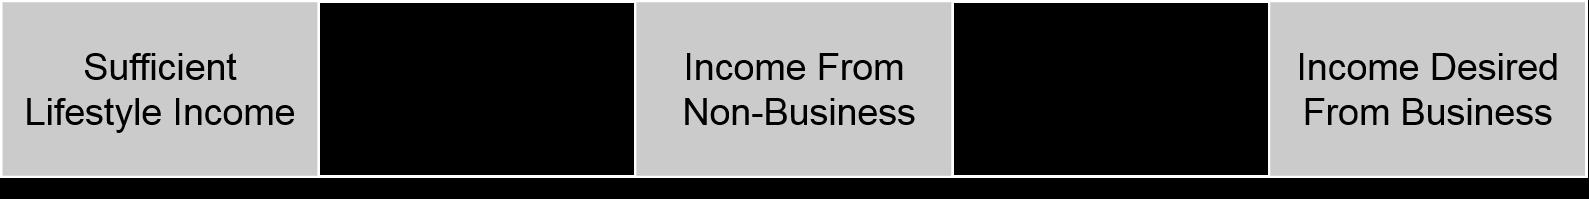 Business Exit Finances.png